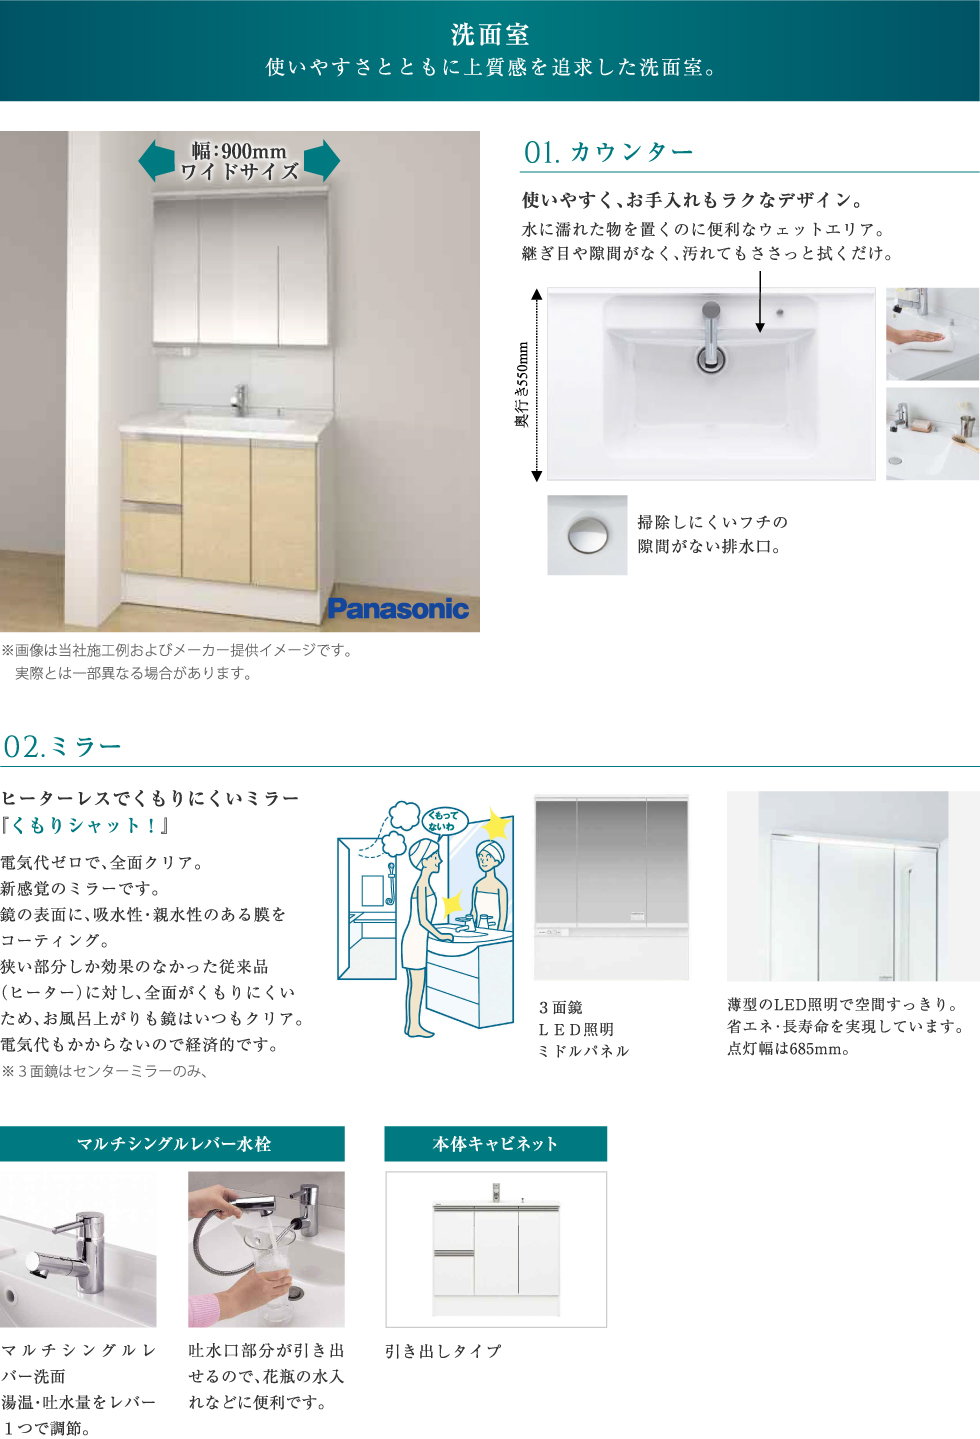 オール電化   パナソニックの洗面室